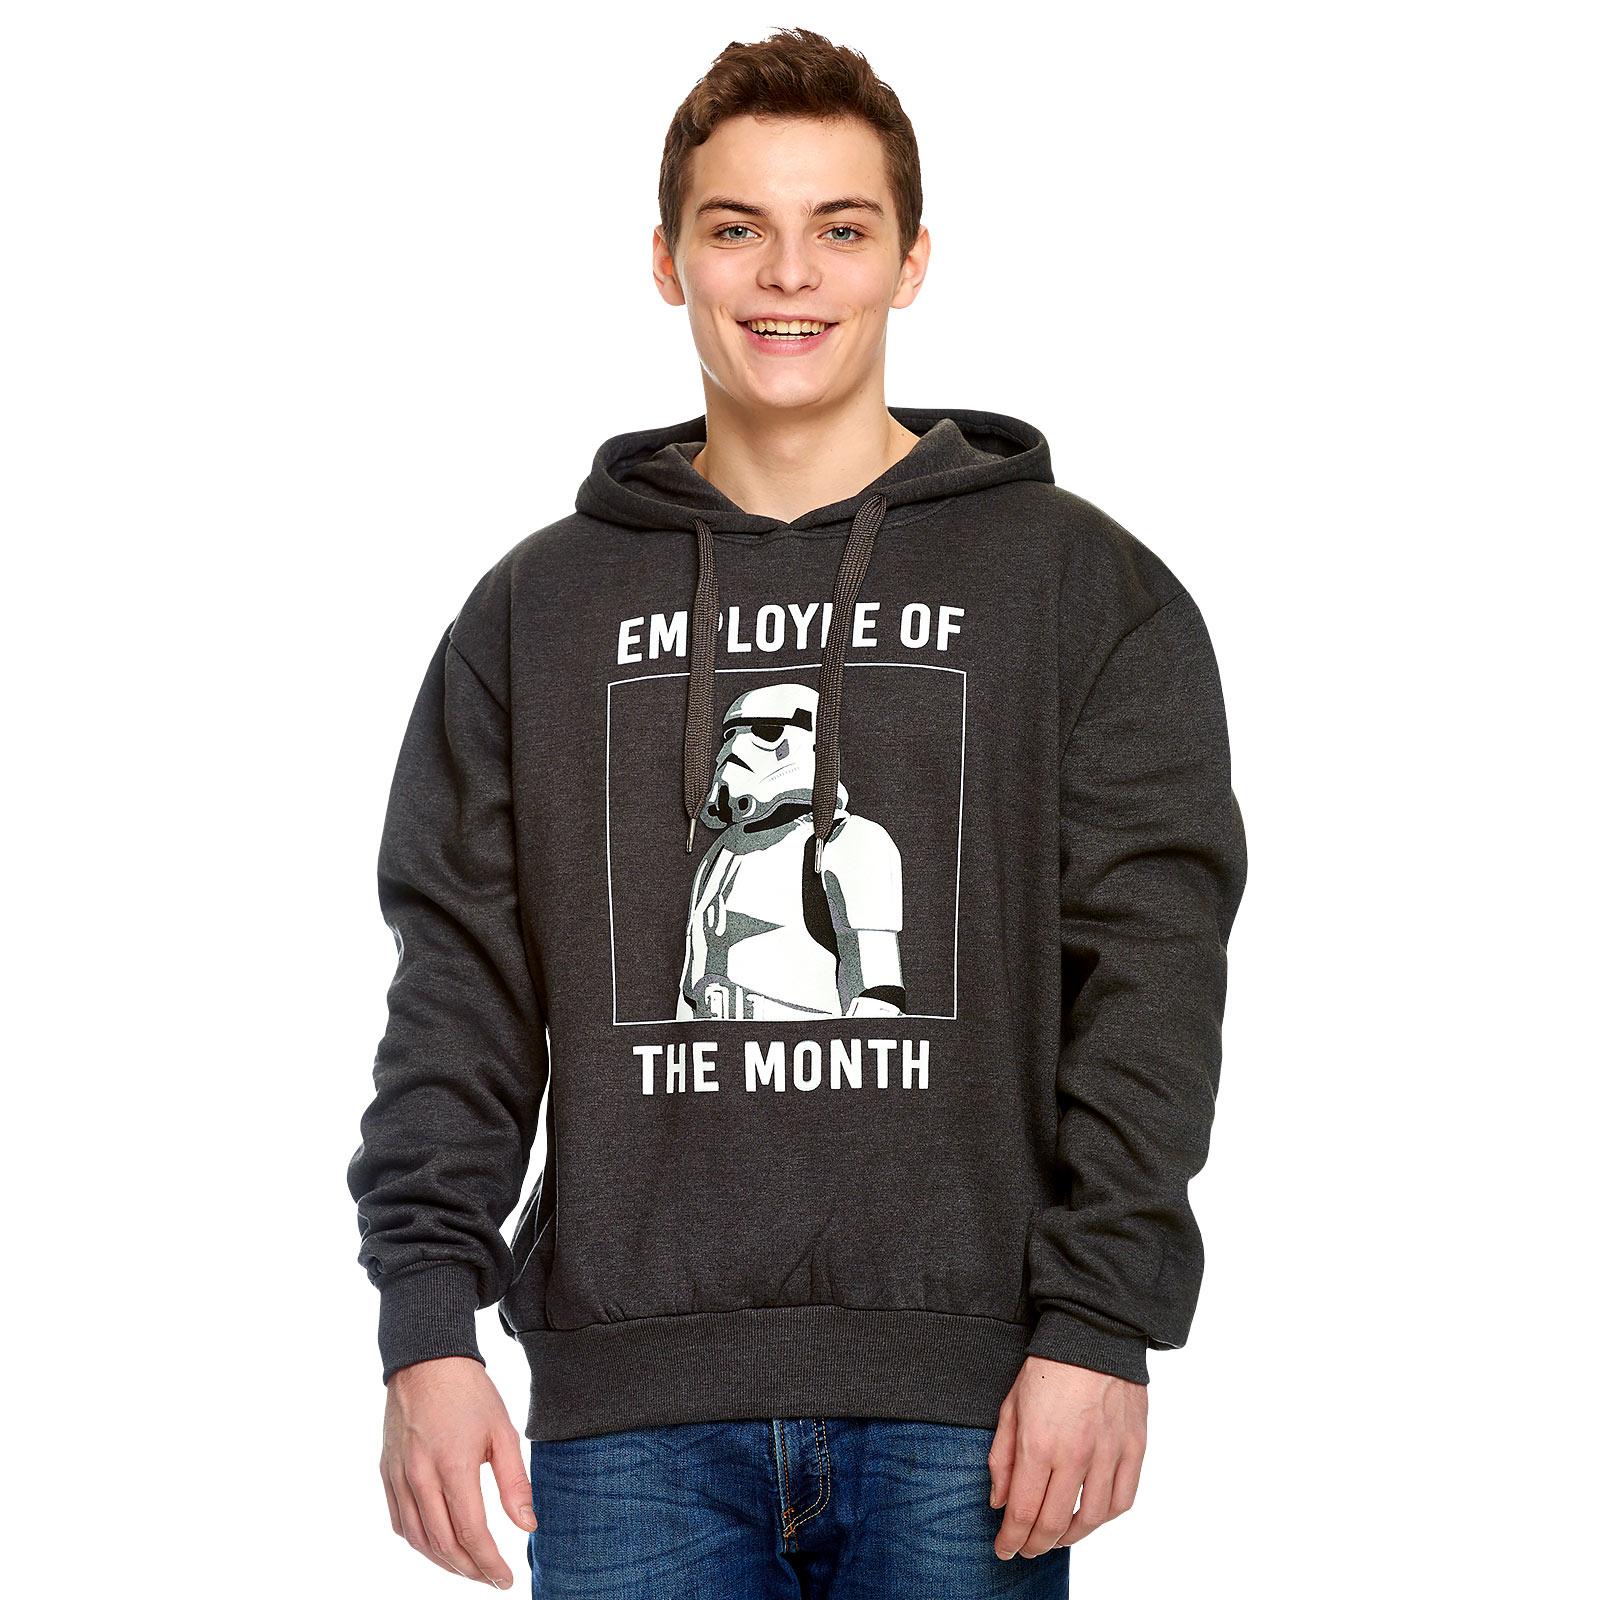 Star Wars - Stormtrooper Employee of the Month Hoodie grau